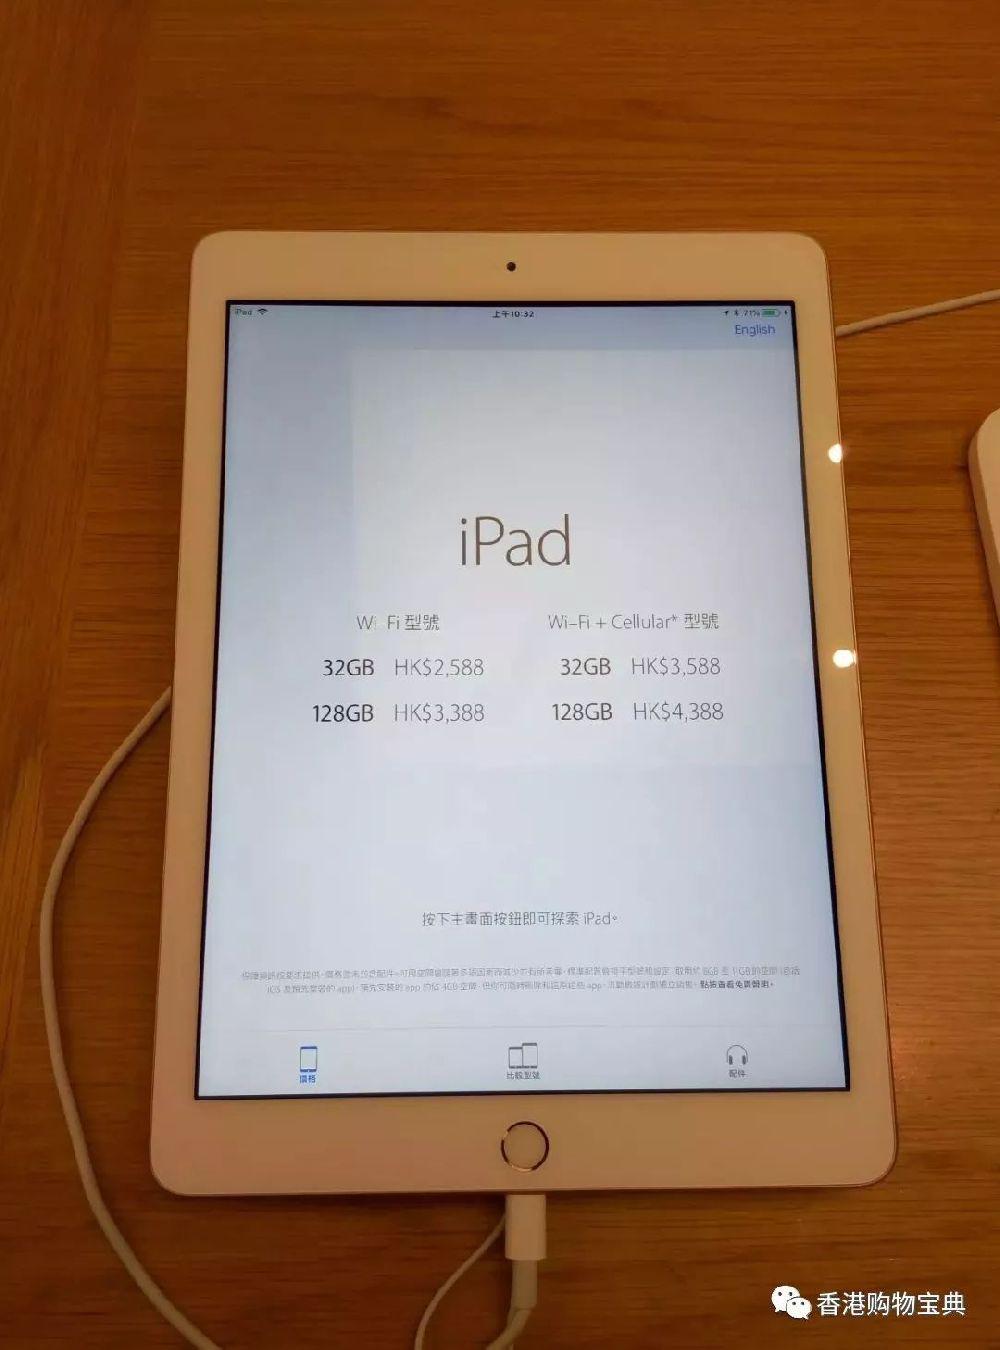 iPhone xs ipad香港实拍报价!iPhone 8 plus 直降近一千